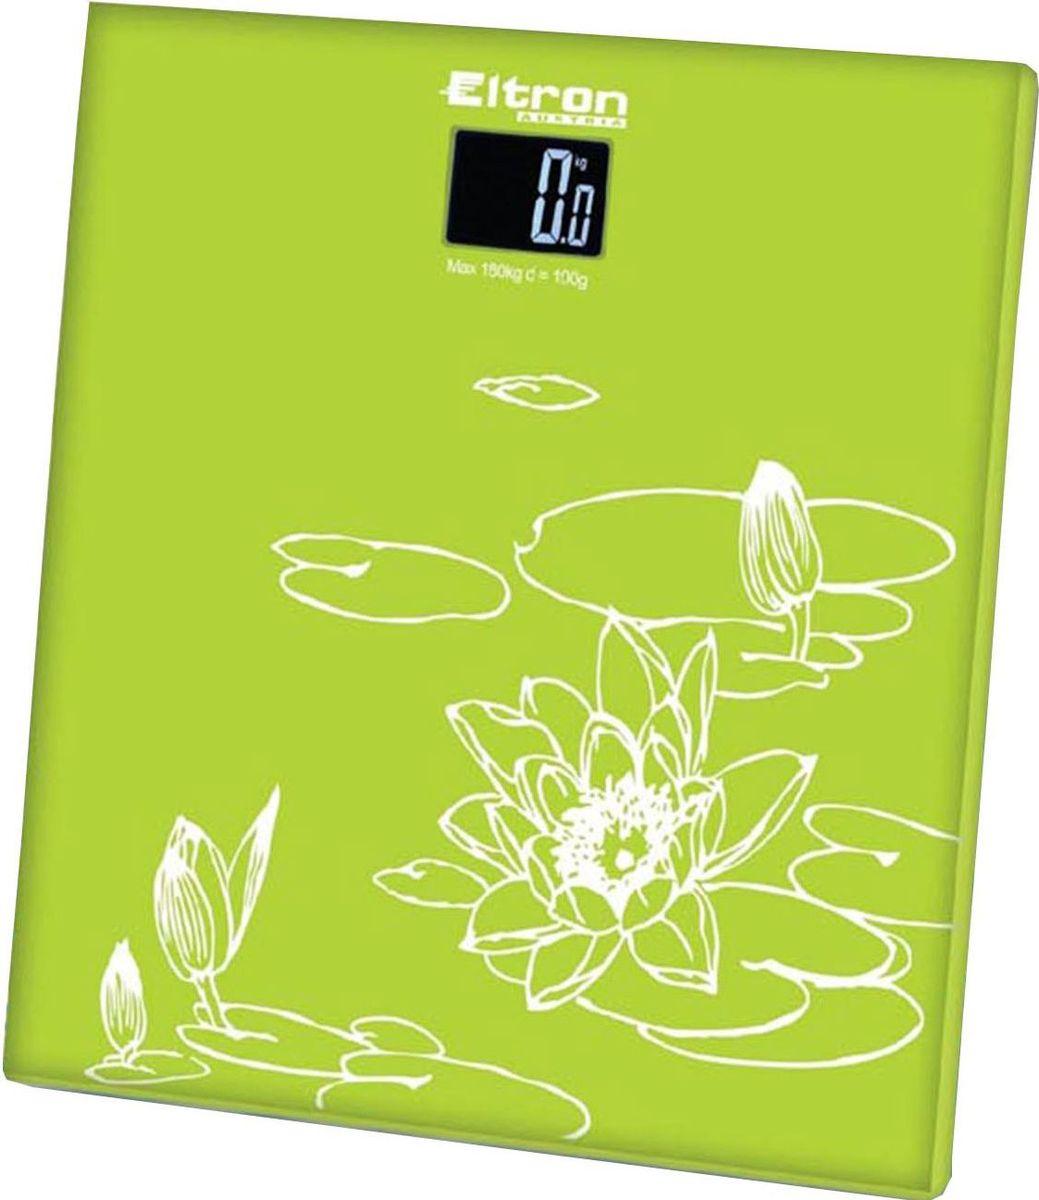 Весы напольные Eltron, электронные, цвет: синий, зеленый, до 180 кг. 9215EL9215ELЦифровые напольные круглые весы на стеклянной платформе. Жидкокристаллический экран. Максимальный вес 180 кг. Шаг измерения - 0.1 кг.